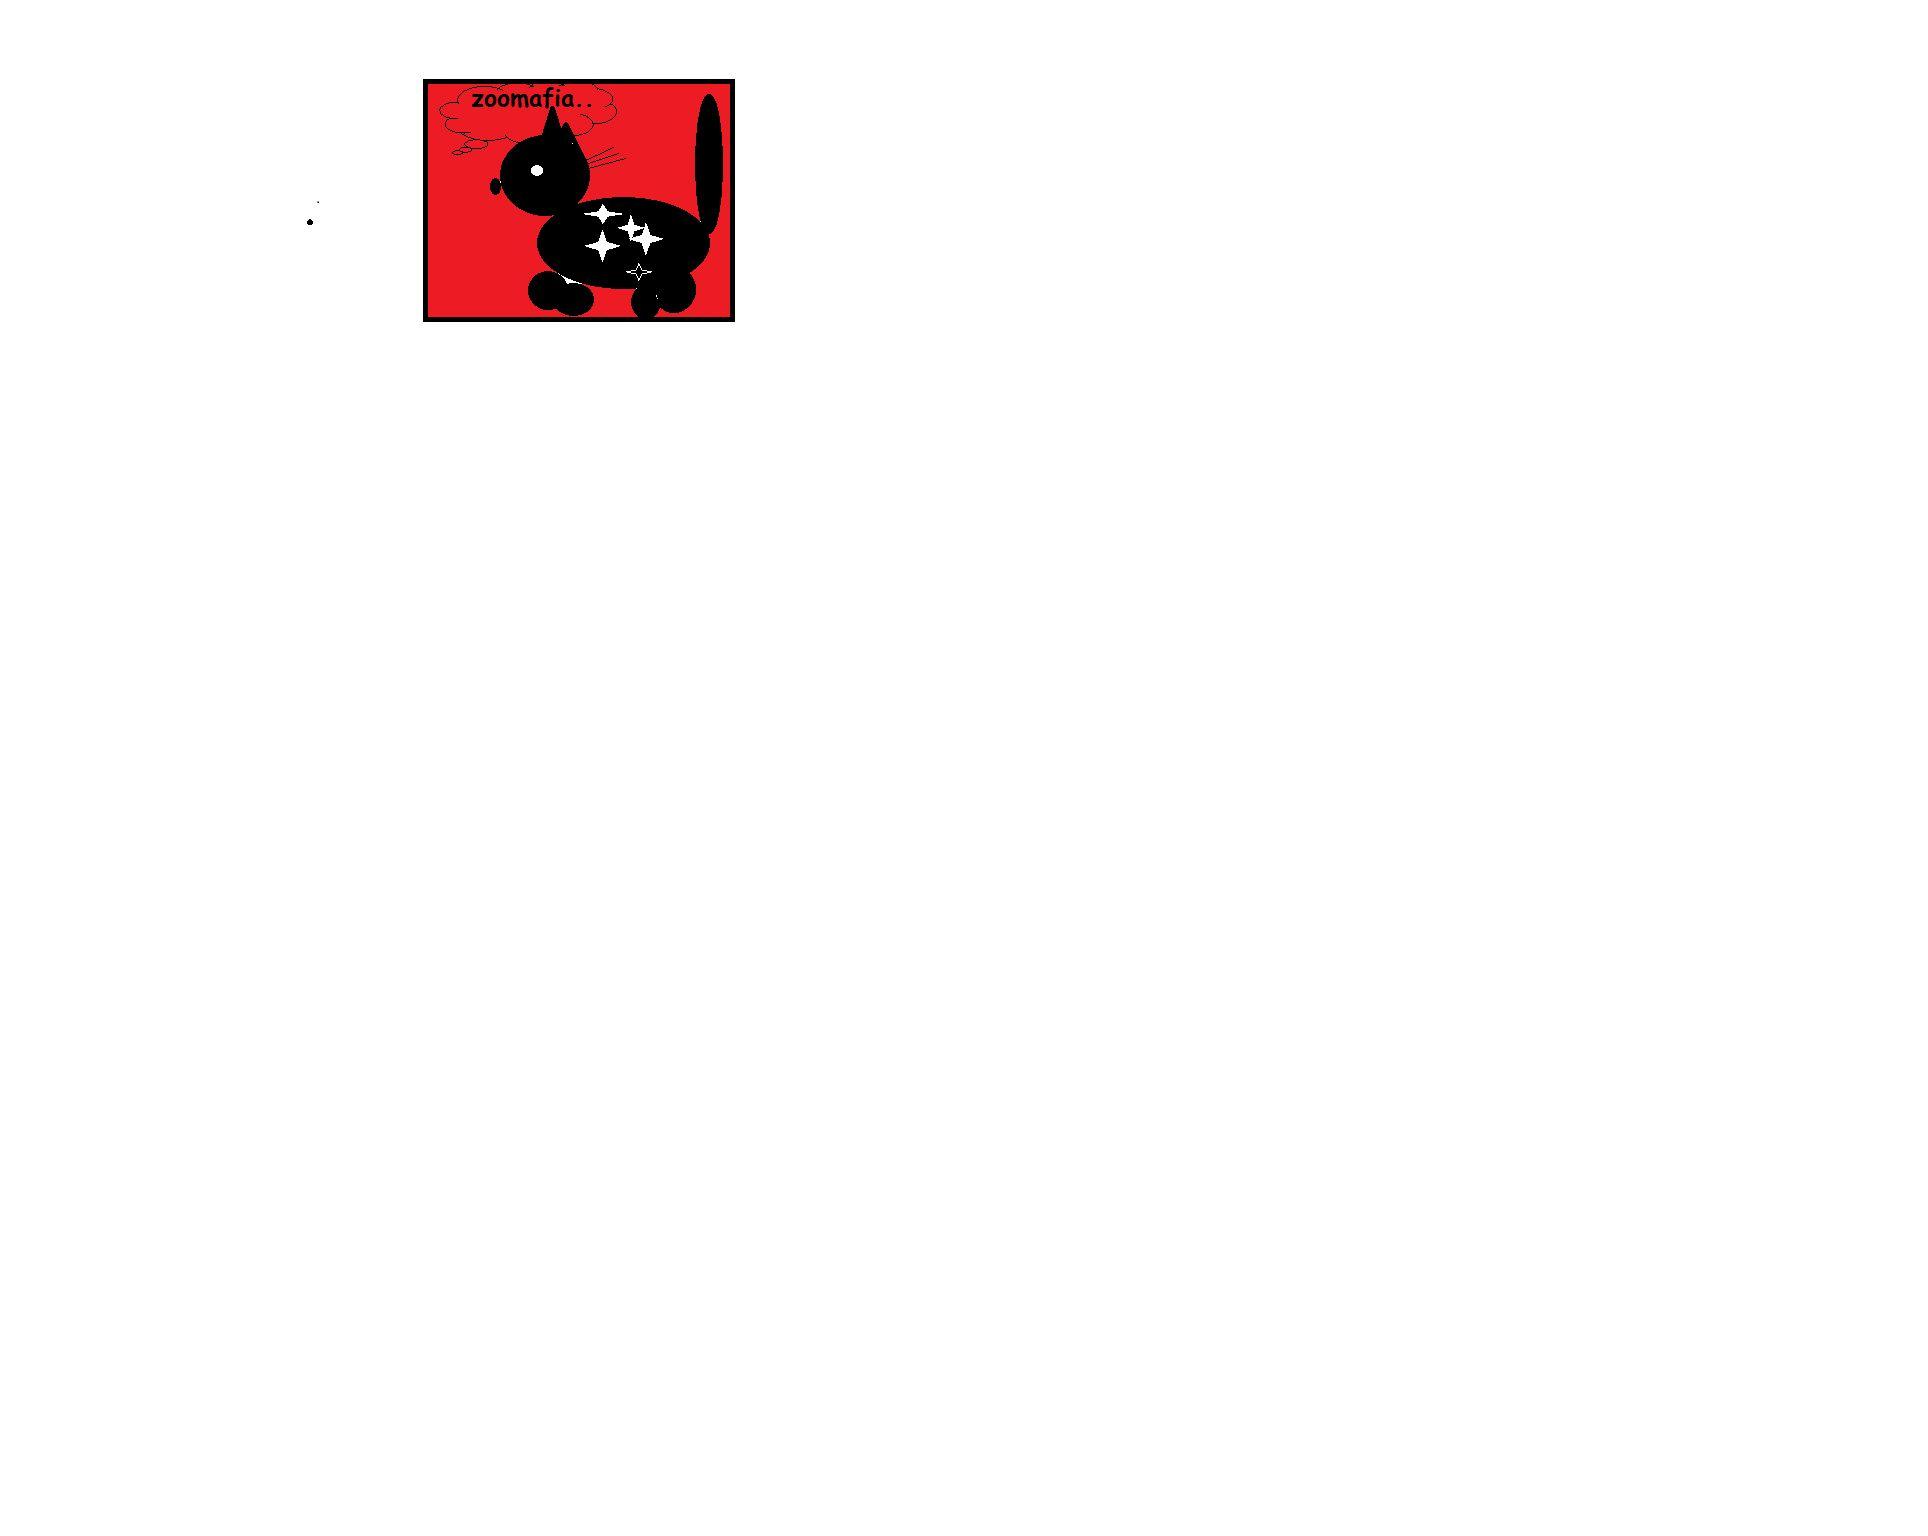 Логотип для интернет магазина зоотоваров - дизайнер mary888